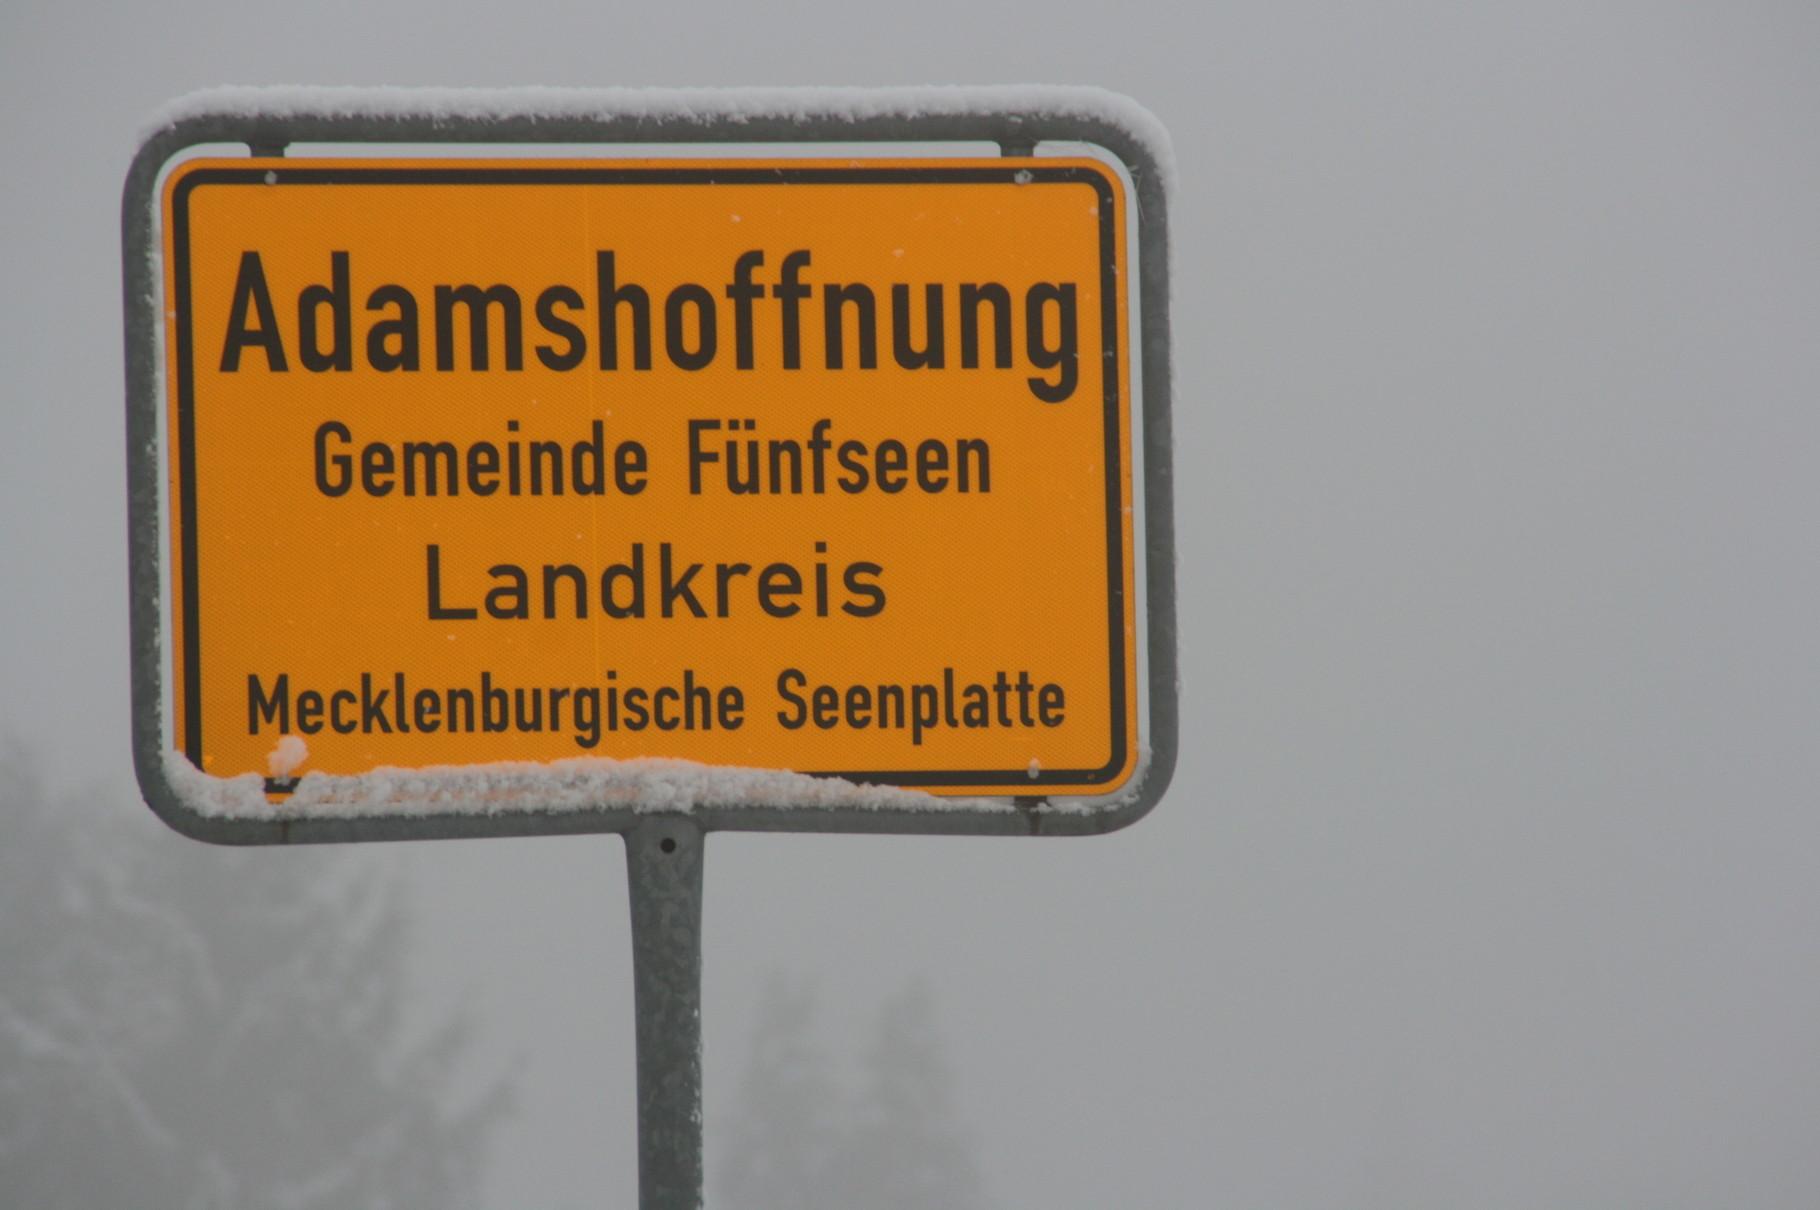 Adam von der Lücken legte den Gutshof Adamshoffnung bei Malchow an.